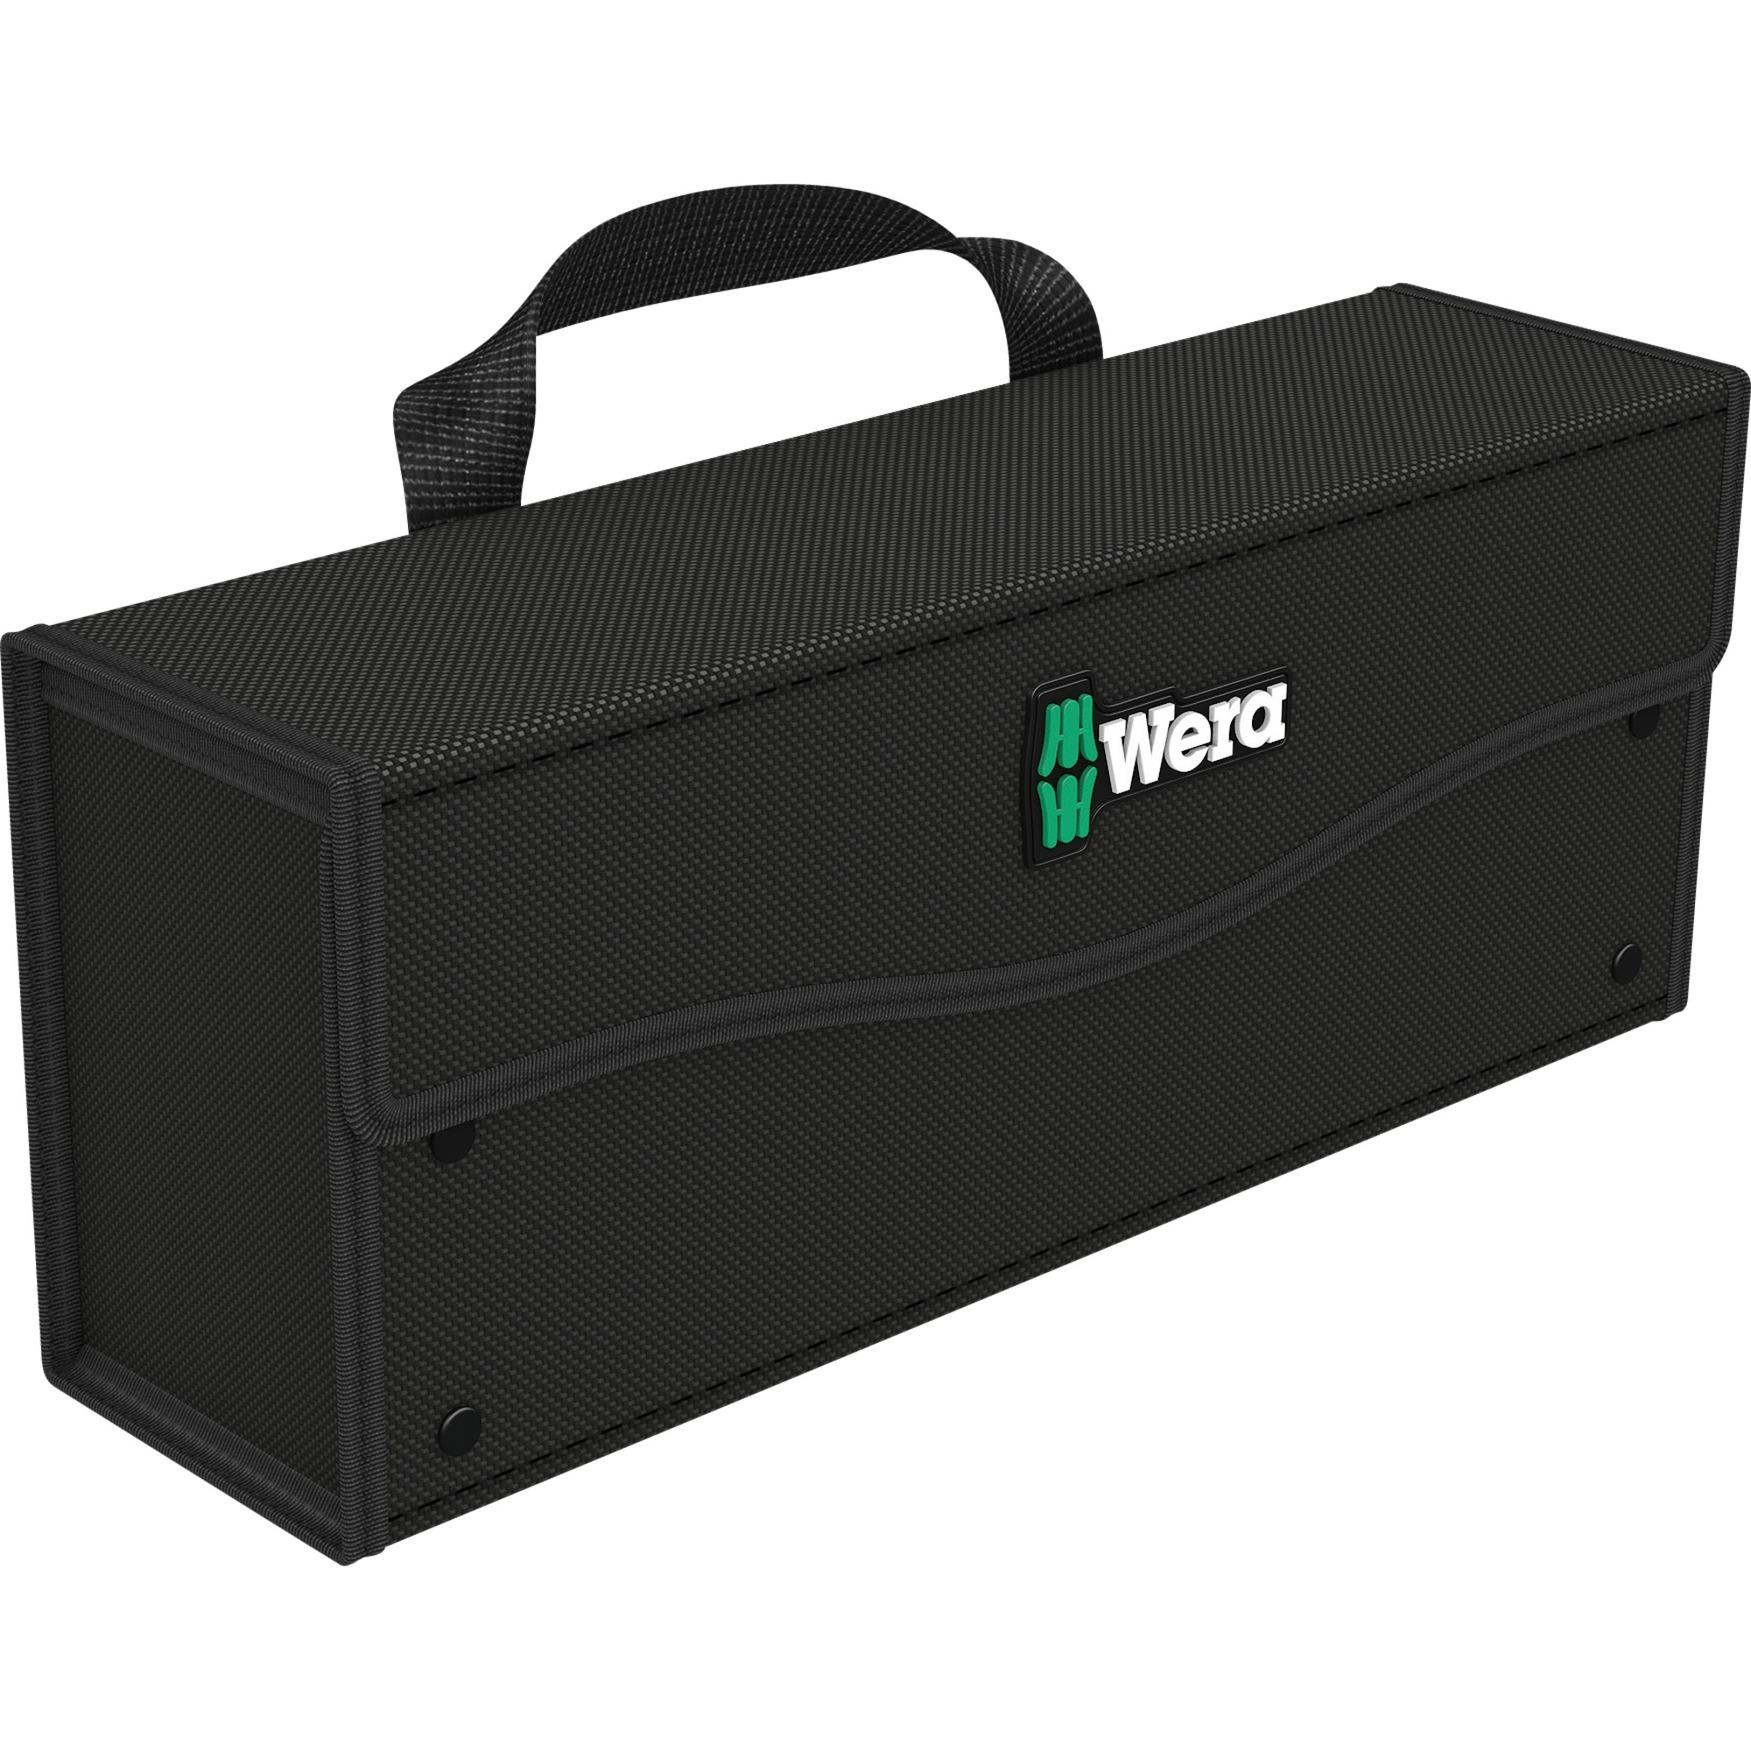 05004352001 caja para equipo, Caja de herramientas